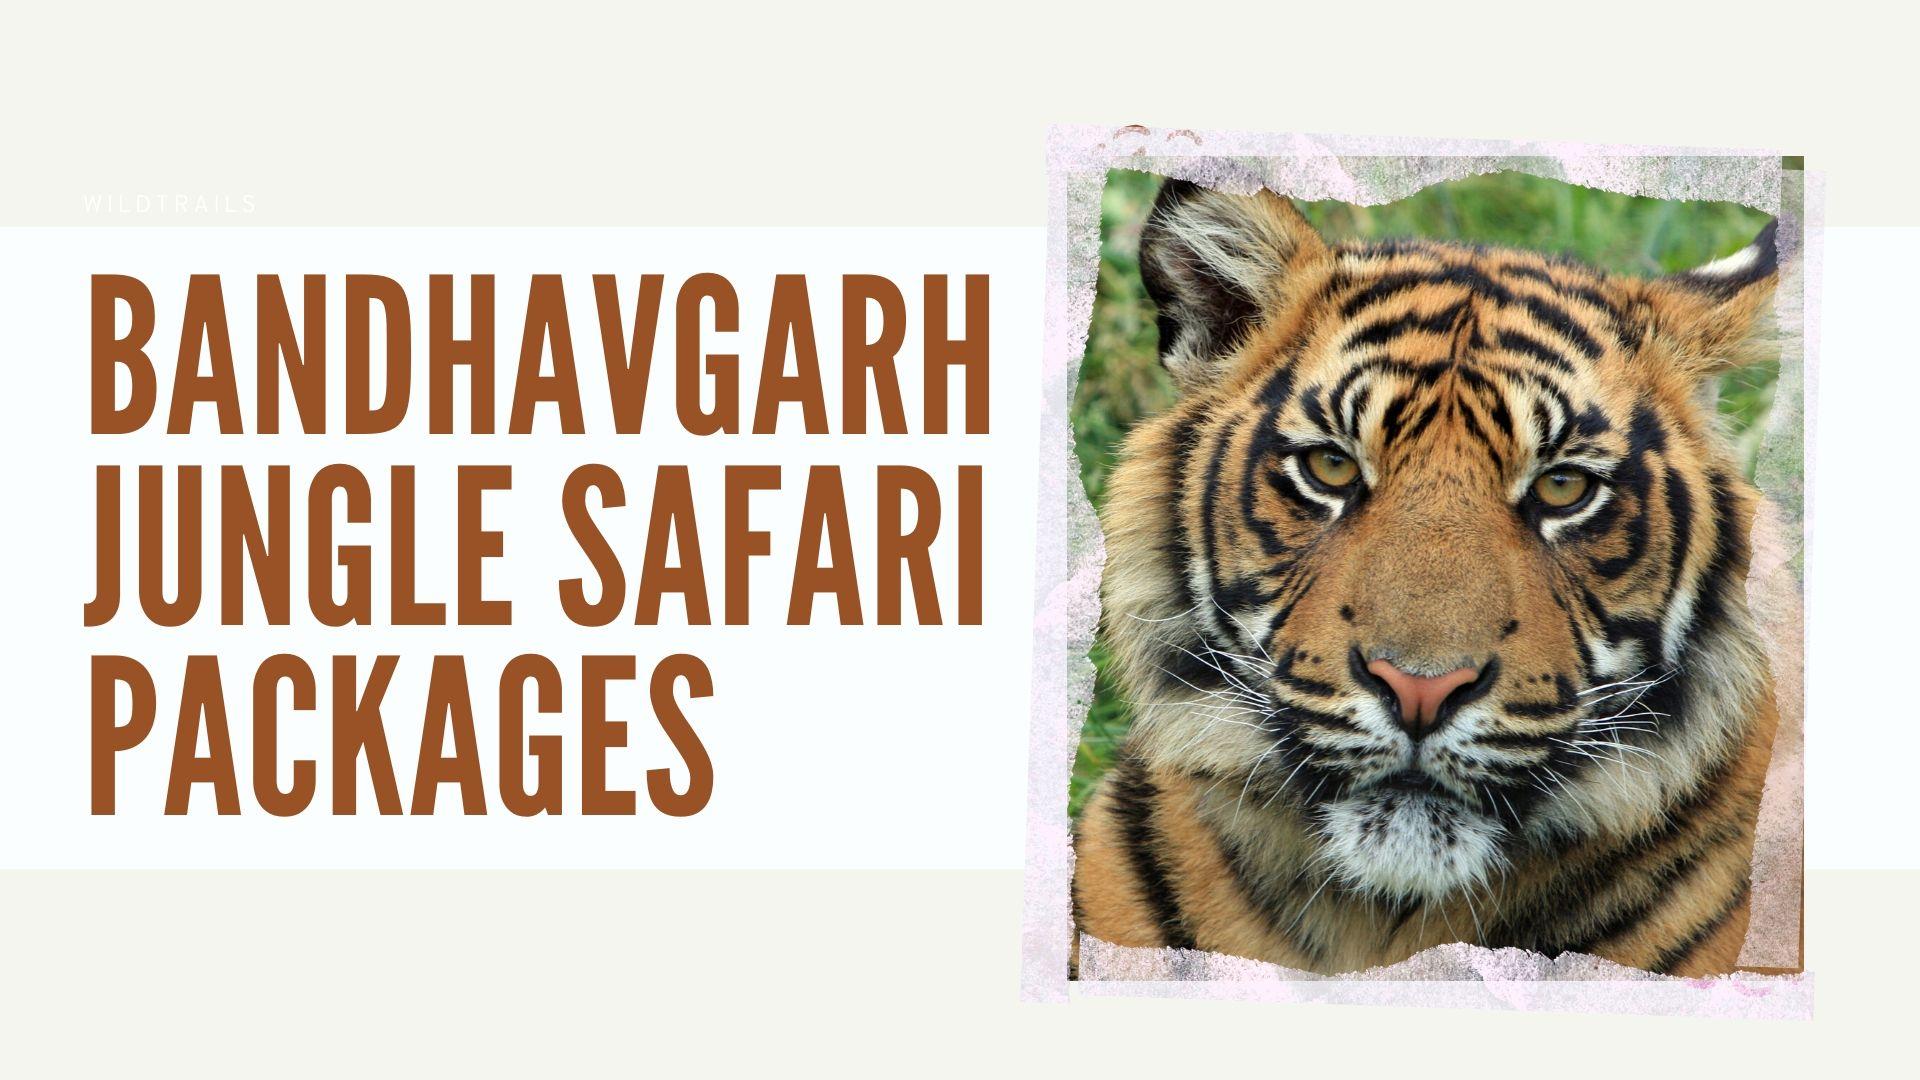 Bandhavgarh Jungle Safari Packages